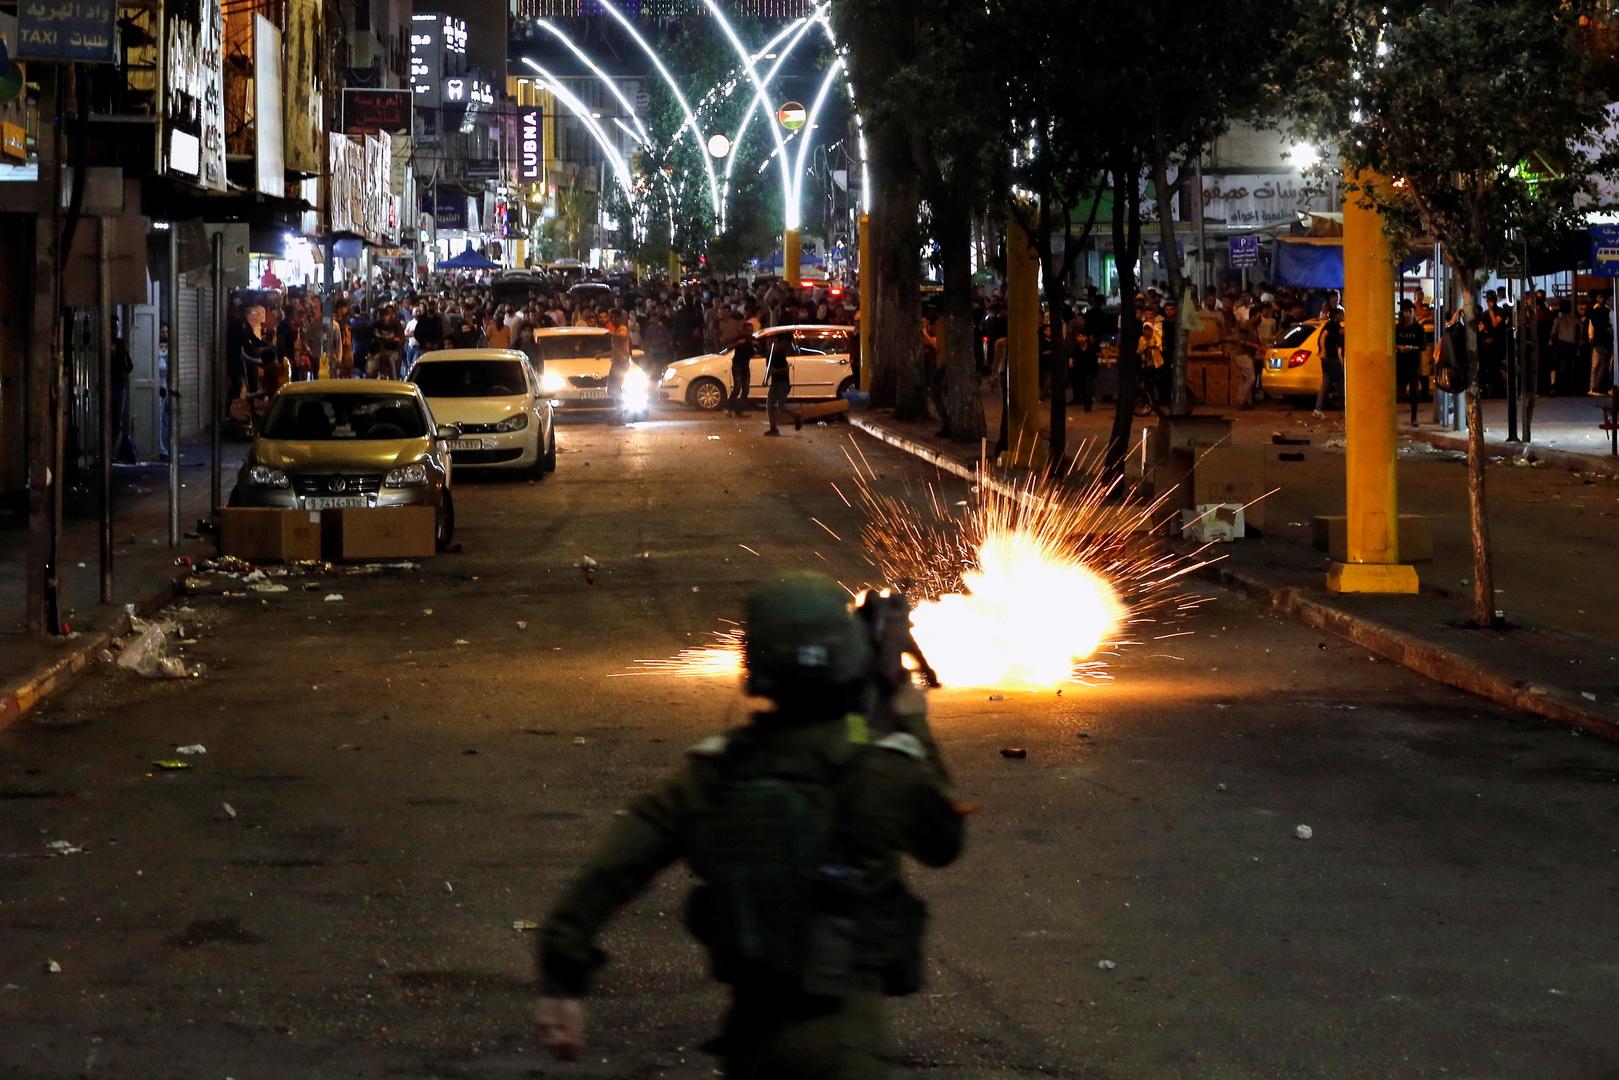 الجنائية الدولية تعبر عن قلقها إزاء العنف في الشرق الأوسط